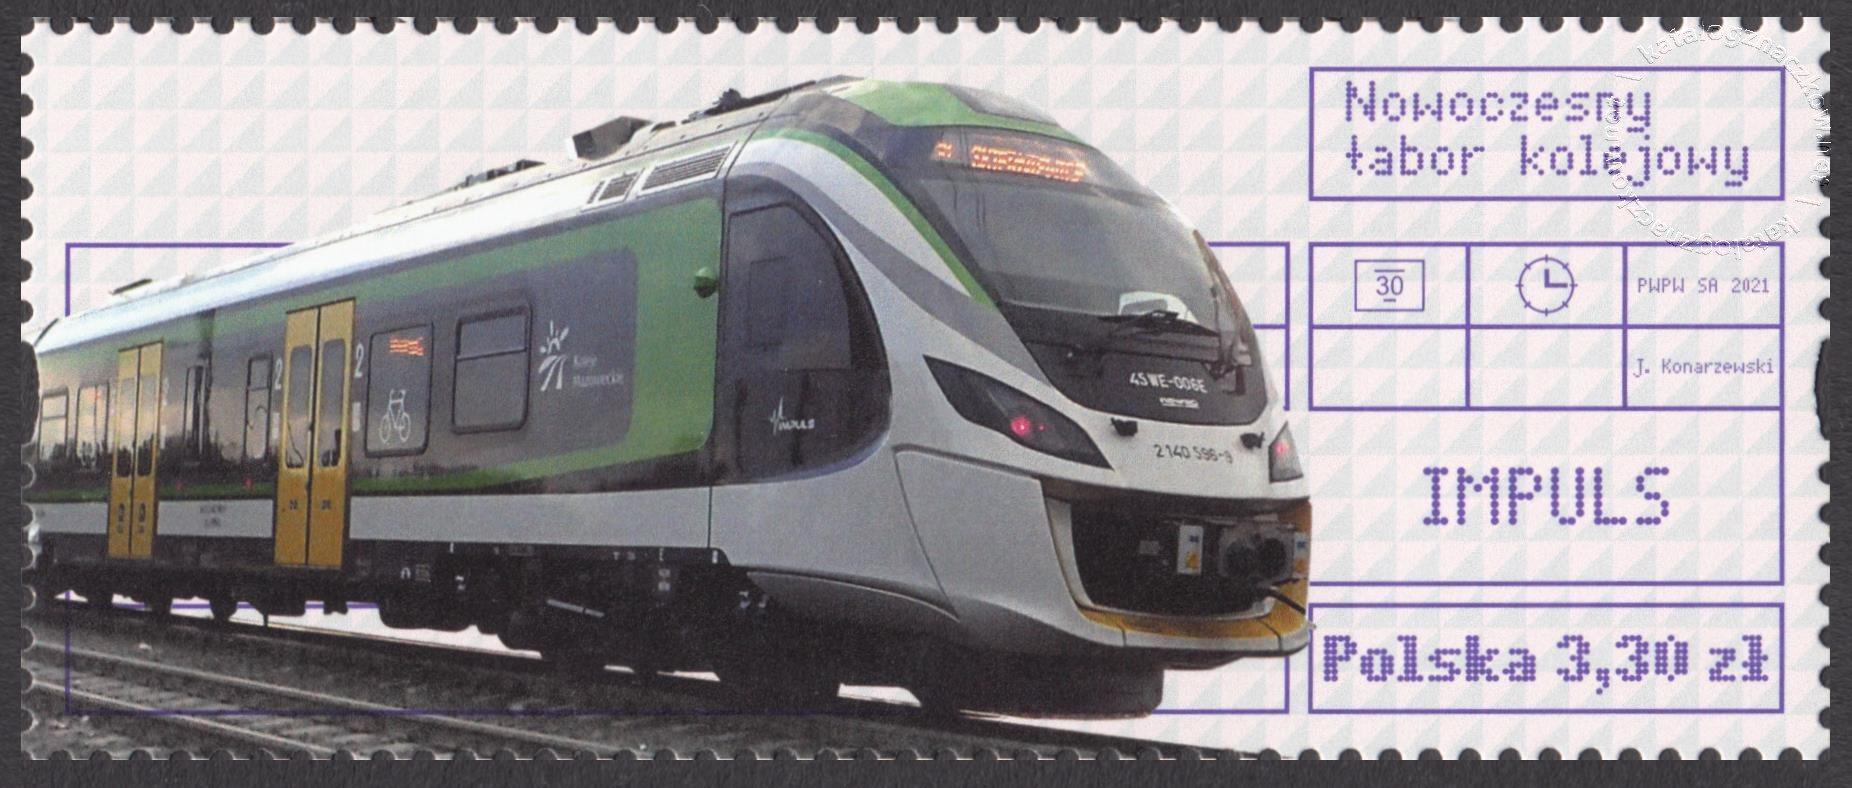 Nowoczesny tabor kolejowy znaczek nr 5137B